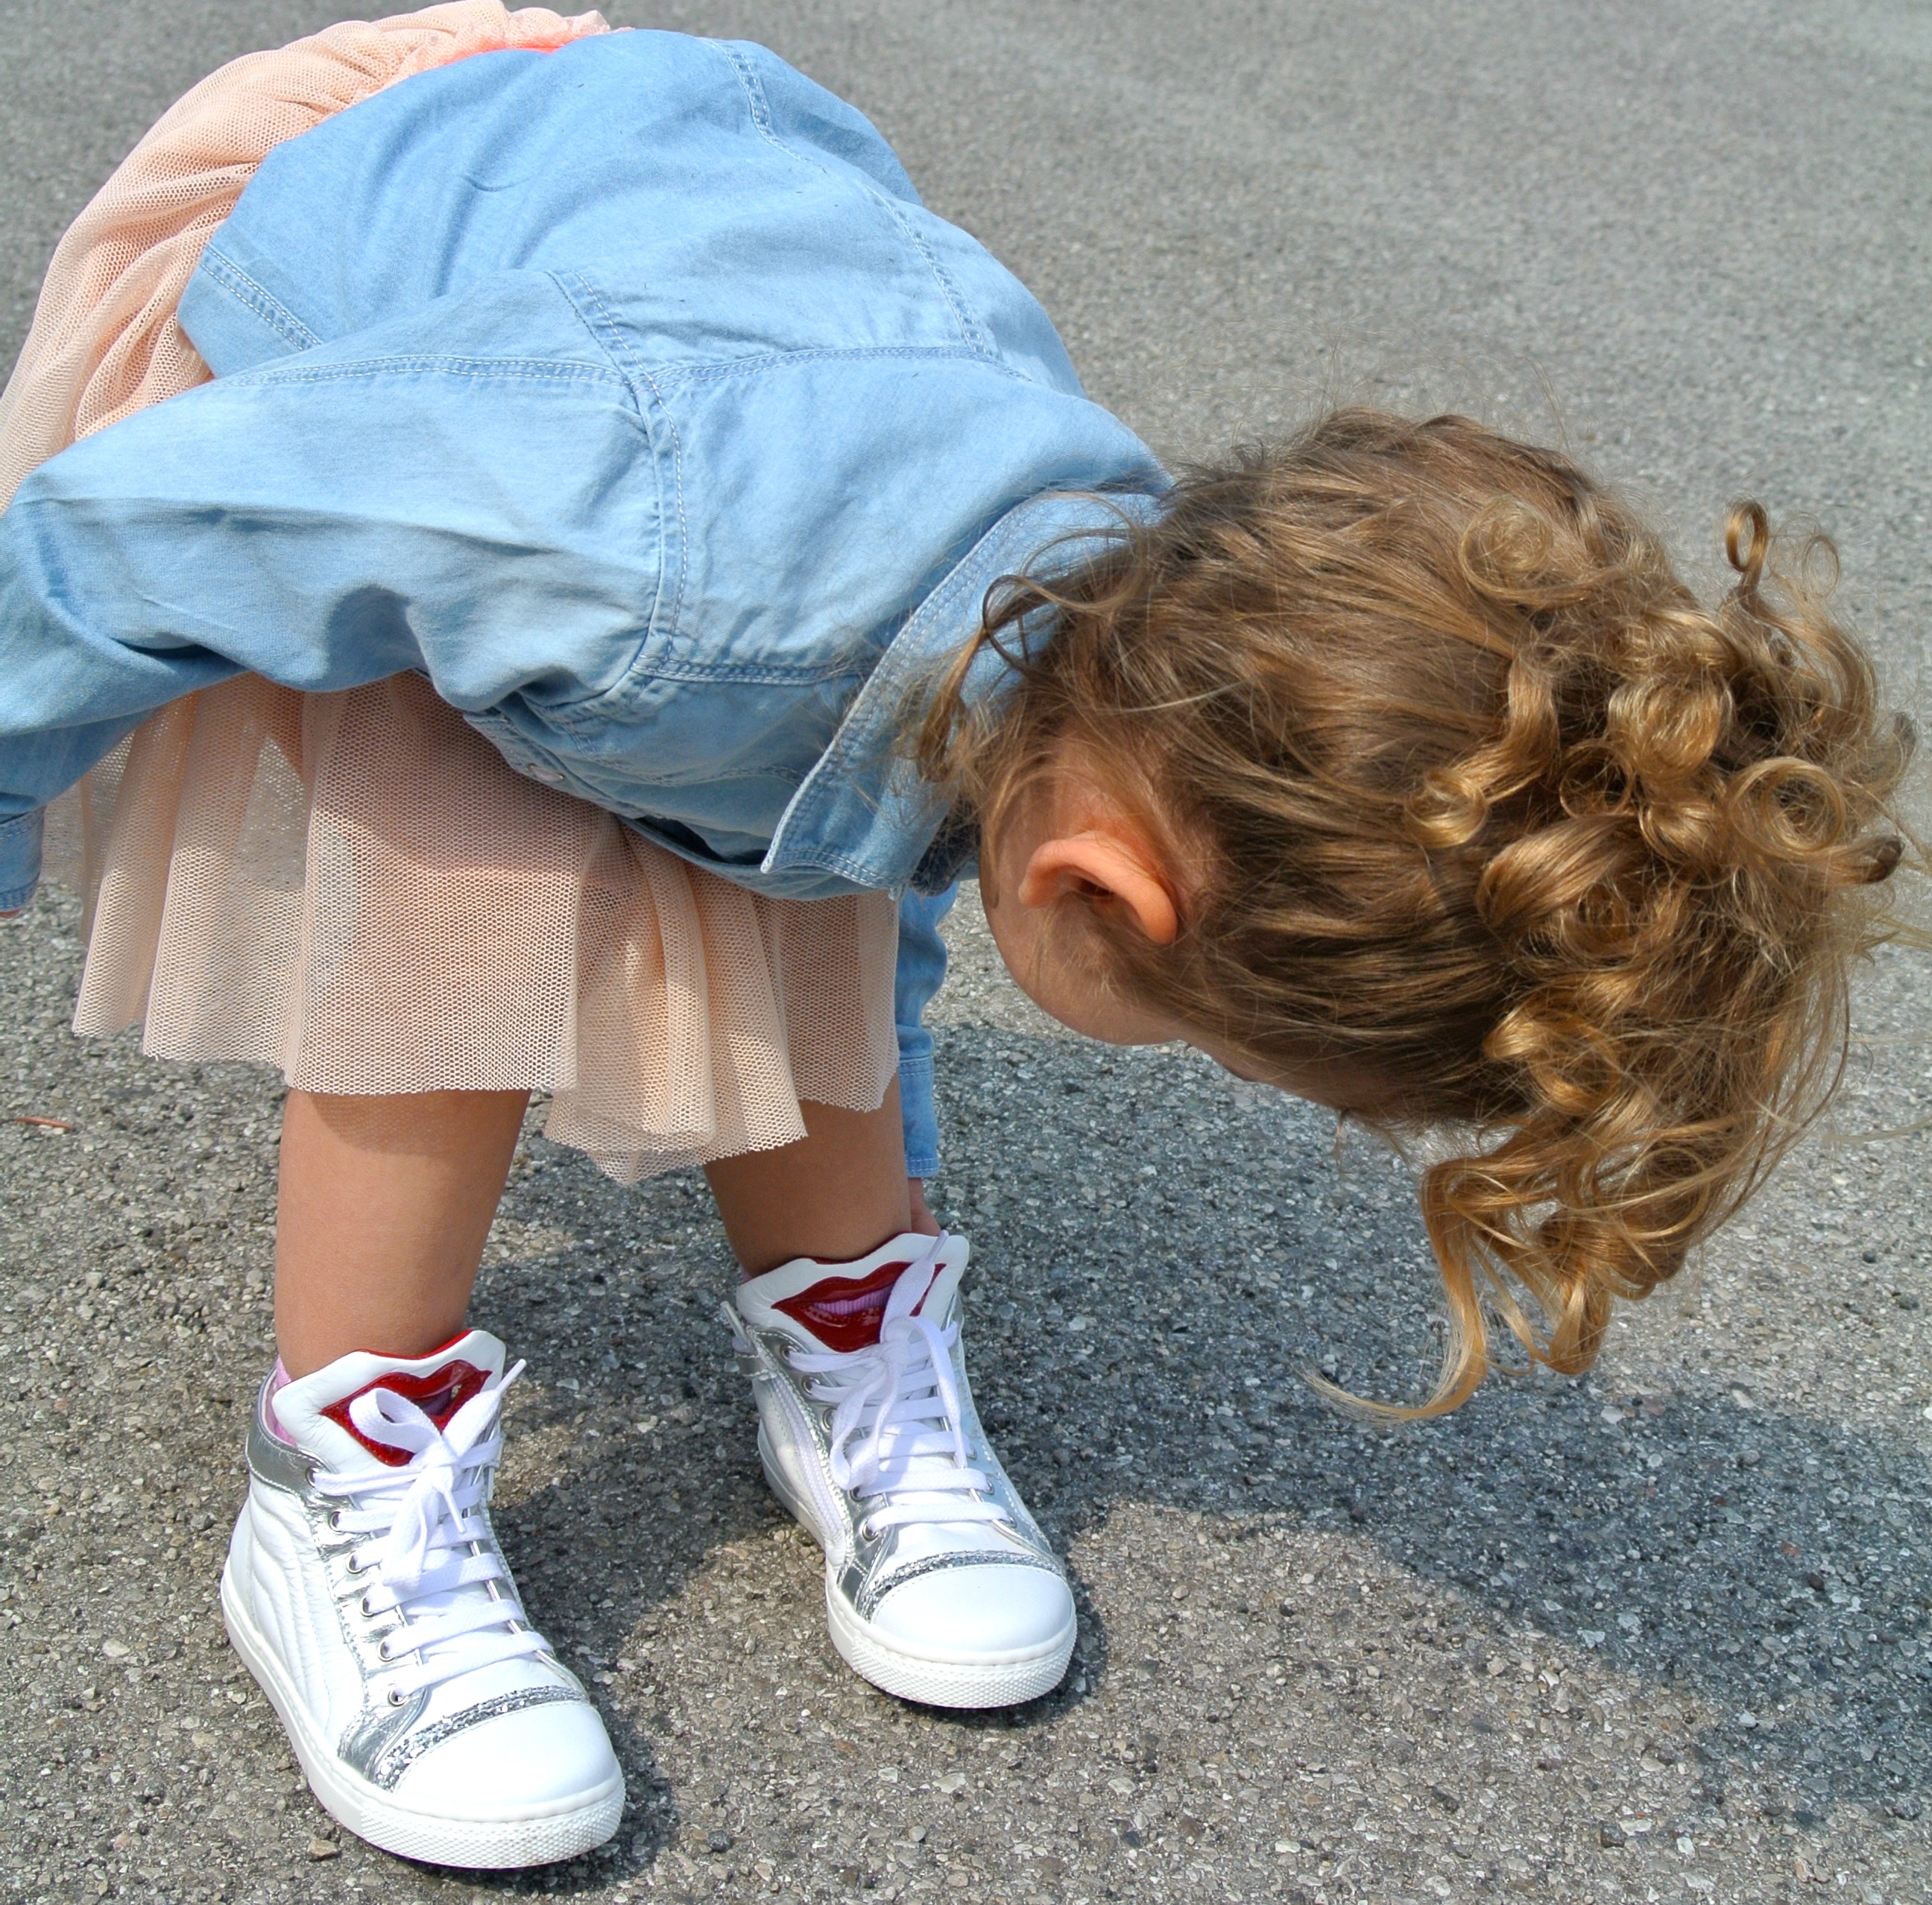 Ginevra e le scarpe un amore introvabile / Ginevra  and shoes love unobtainable